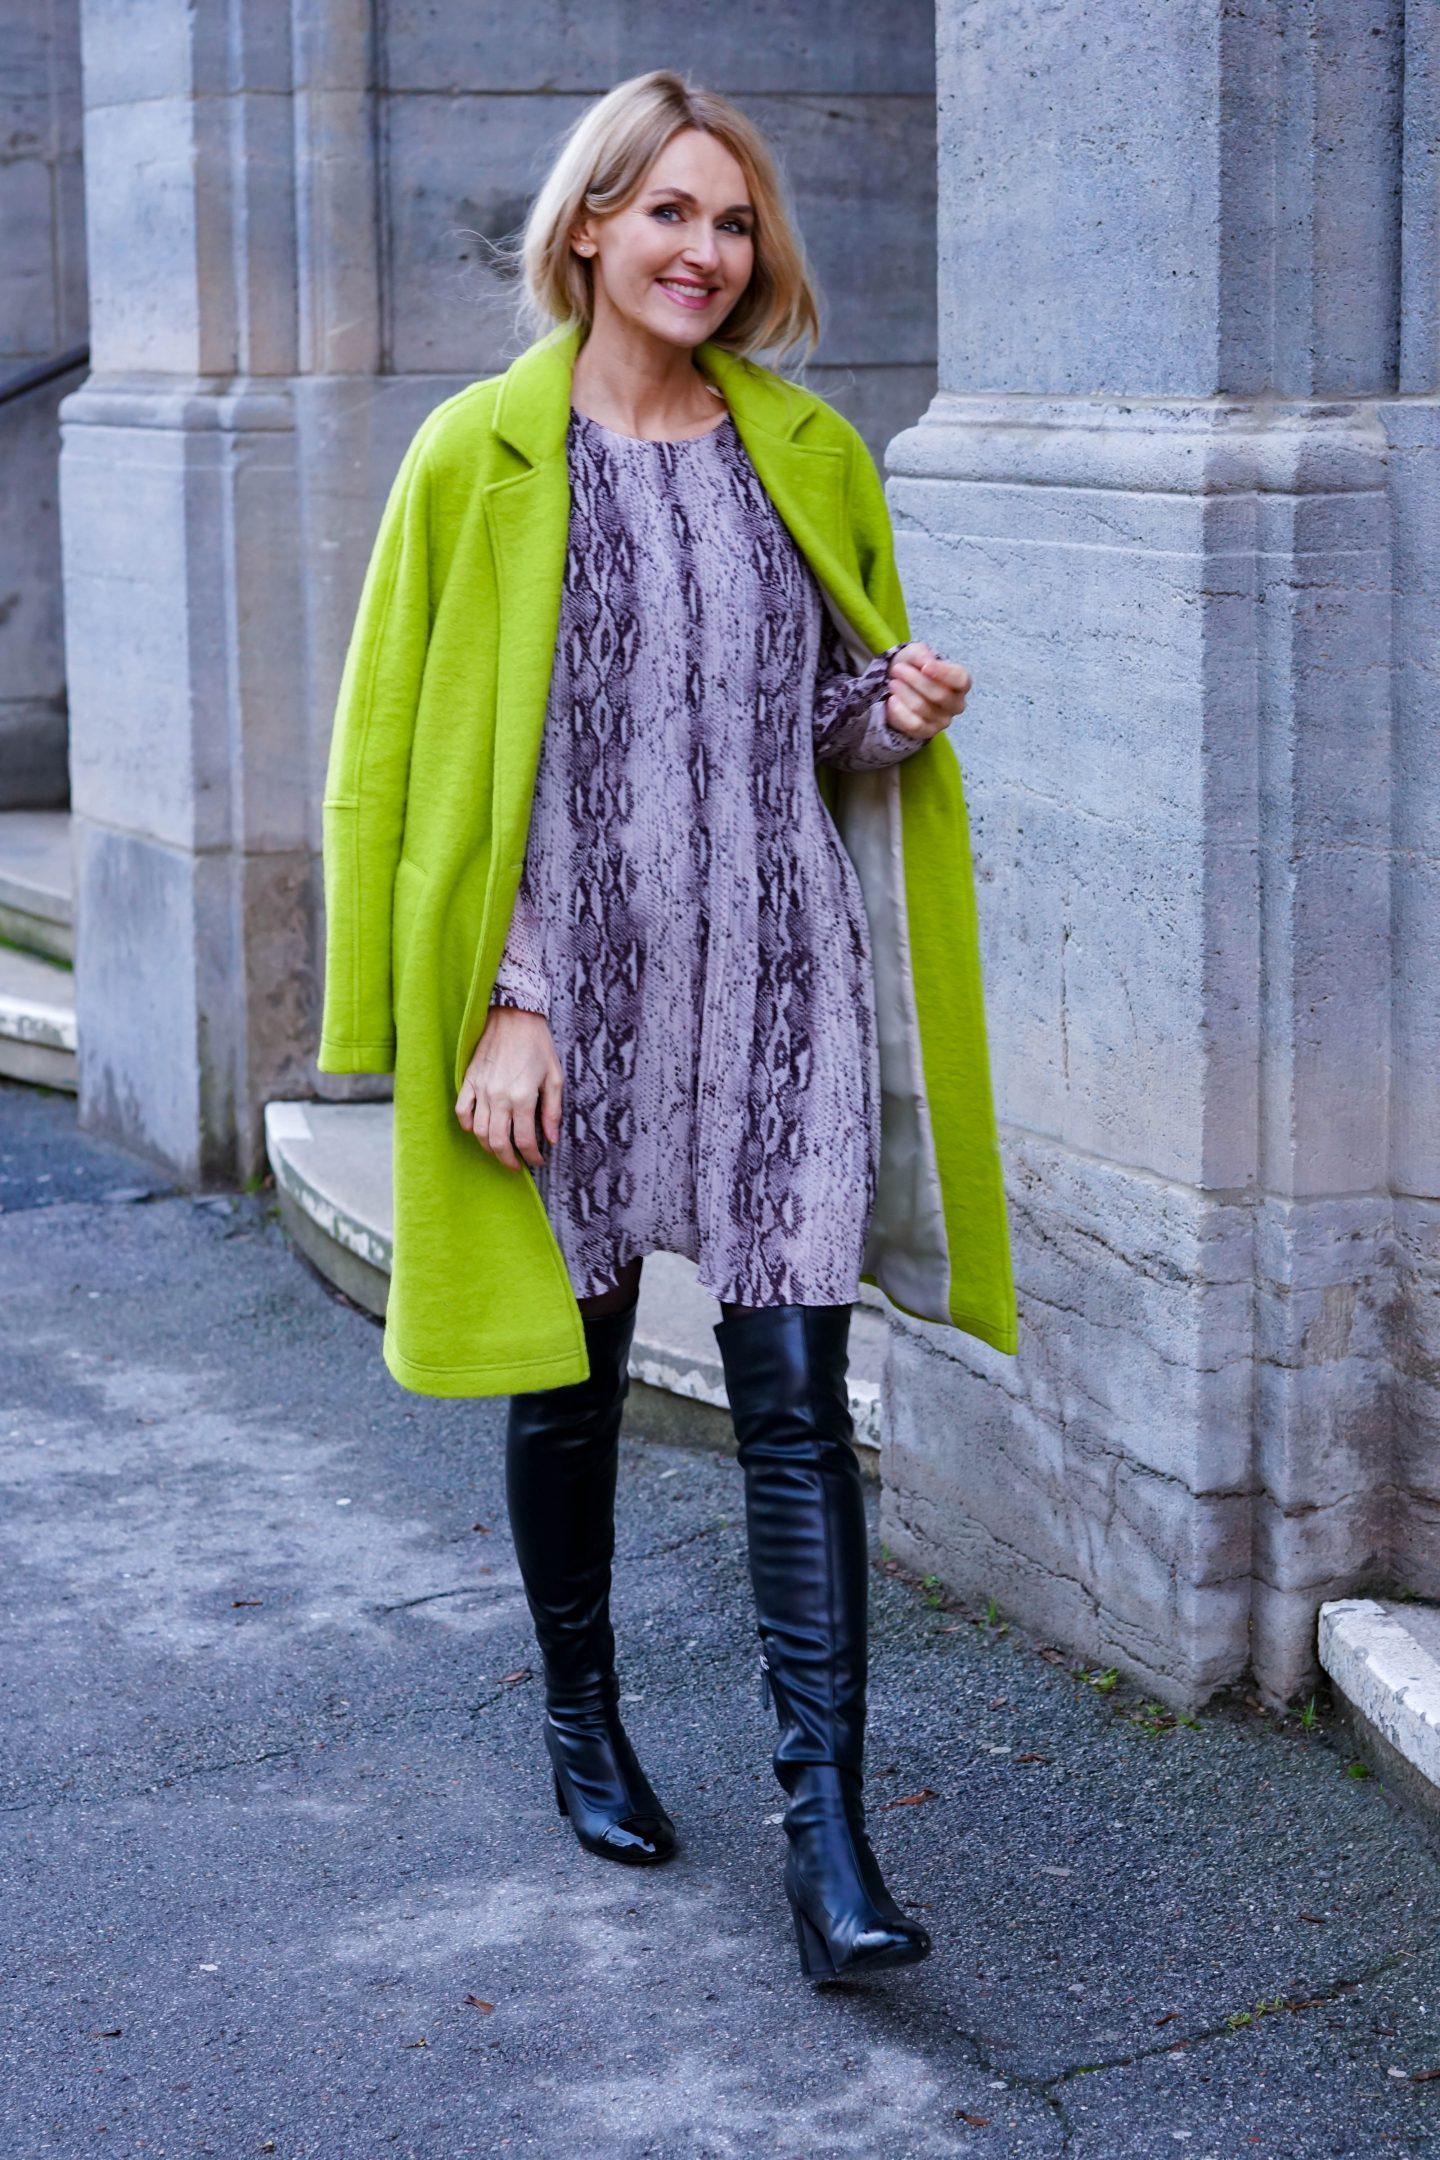 Mode von Amy Vermont - grüner Mantel der Hoffnung und das Kobra-Kleid-WENZ-Nowshine-ü40-Bloggerin